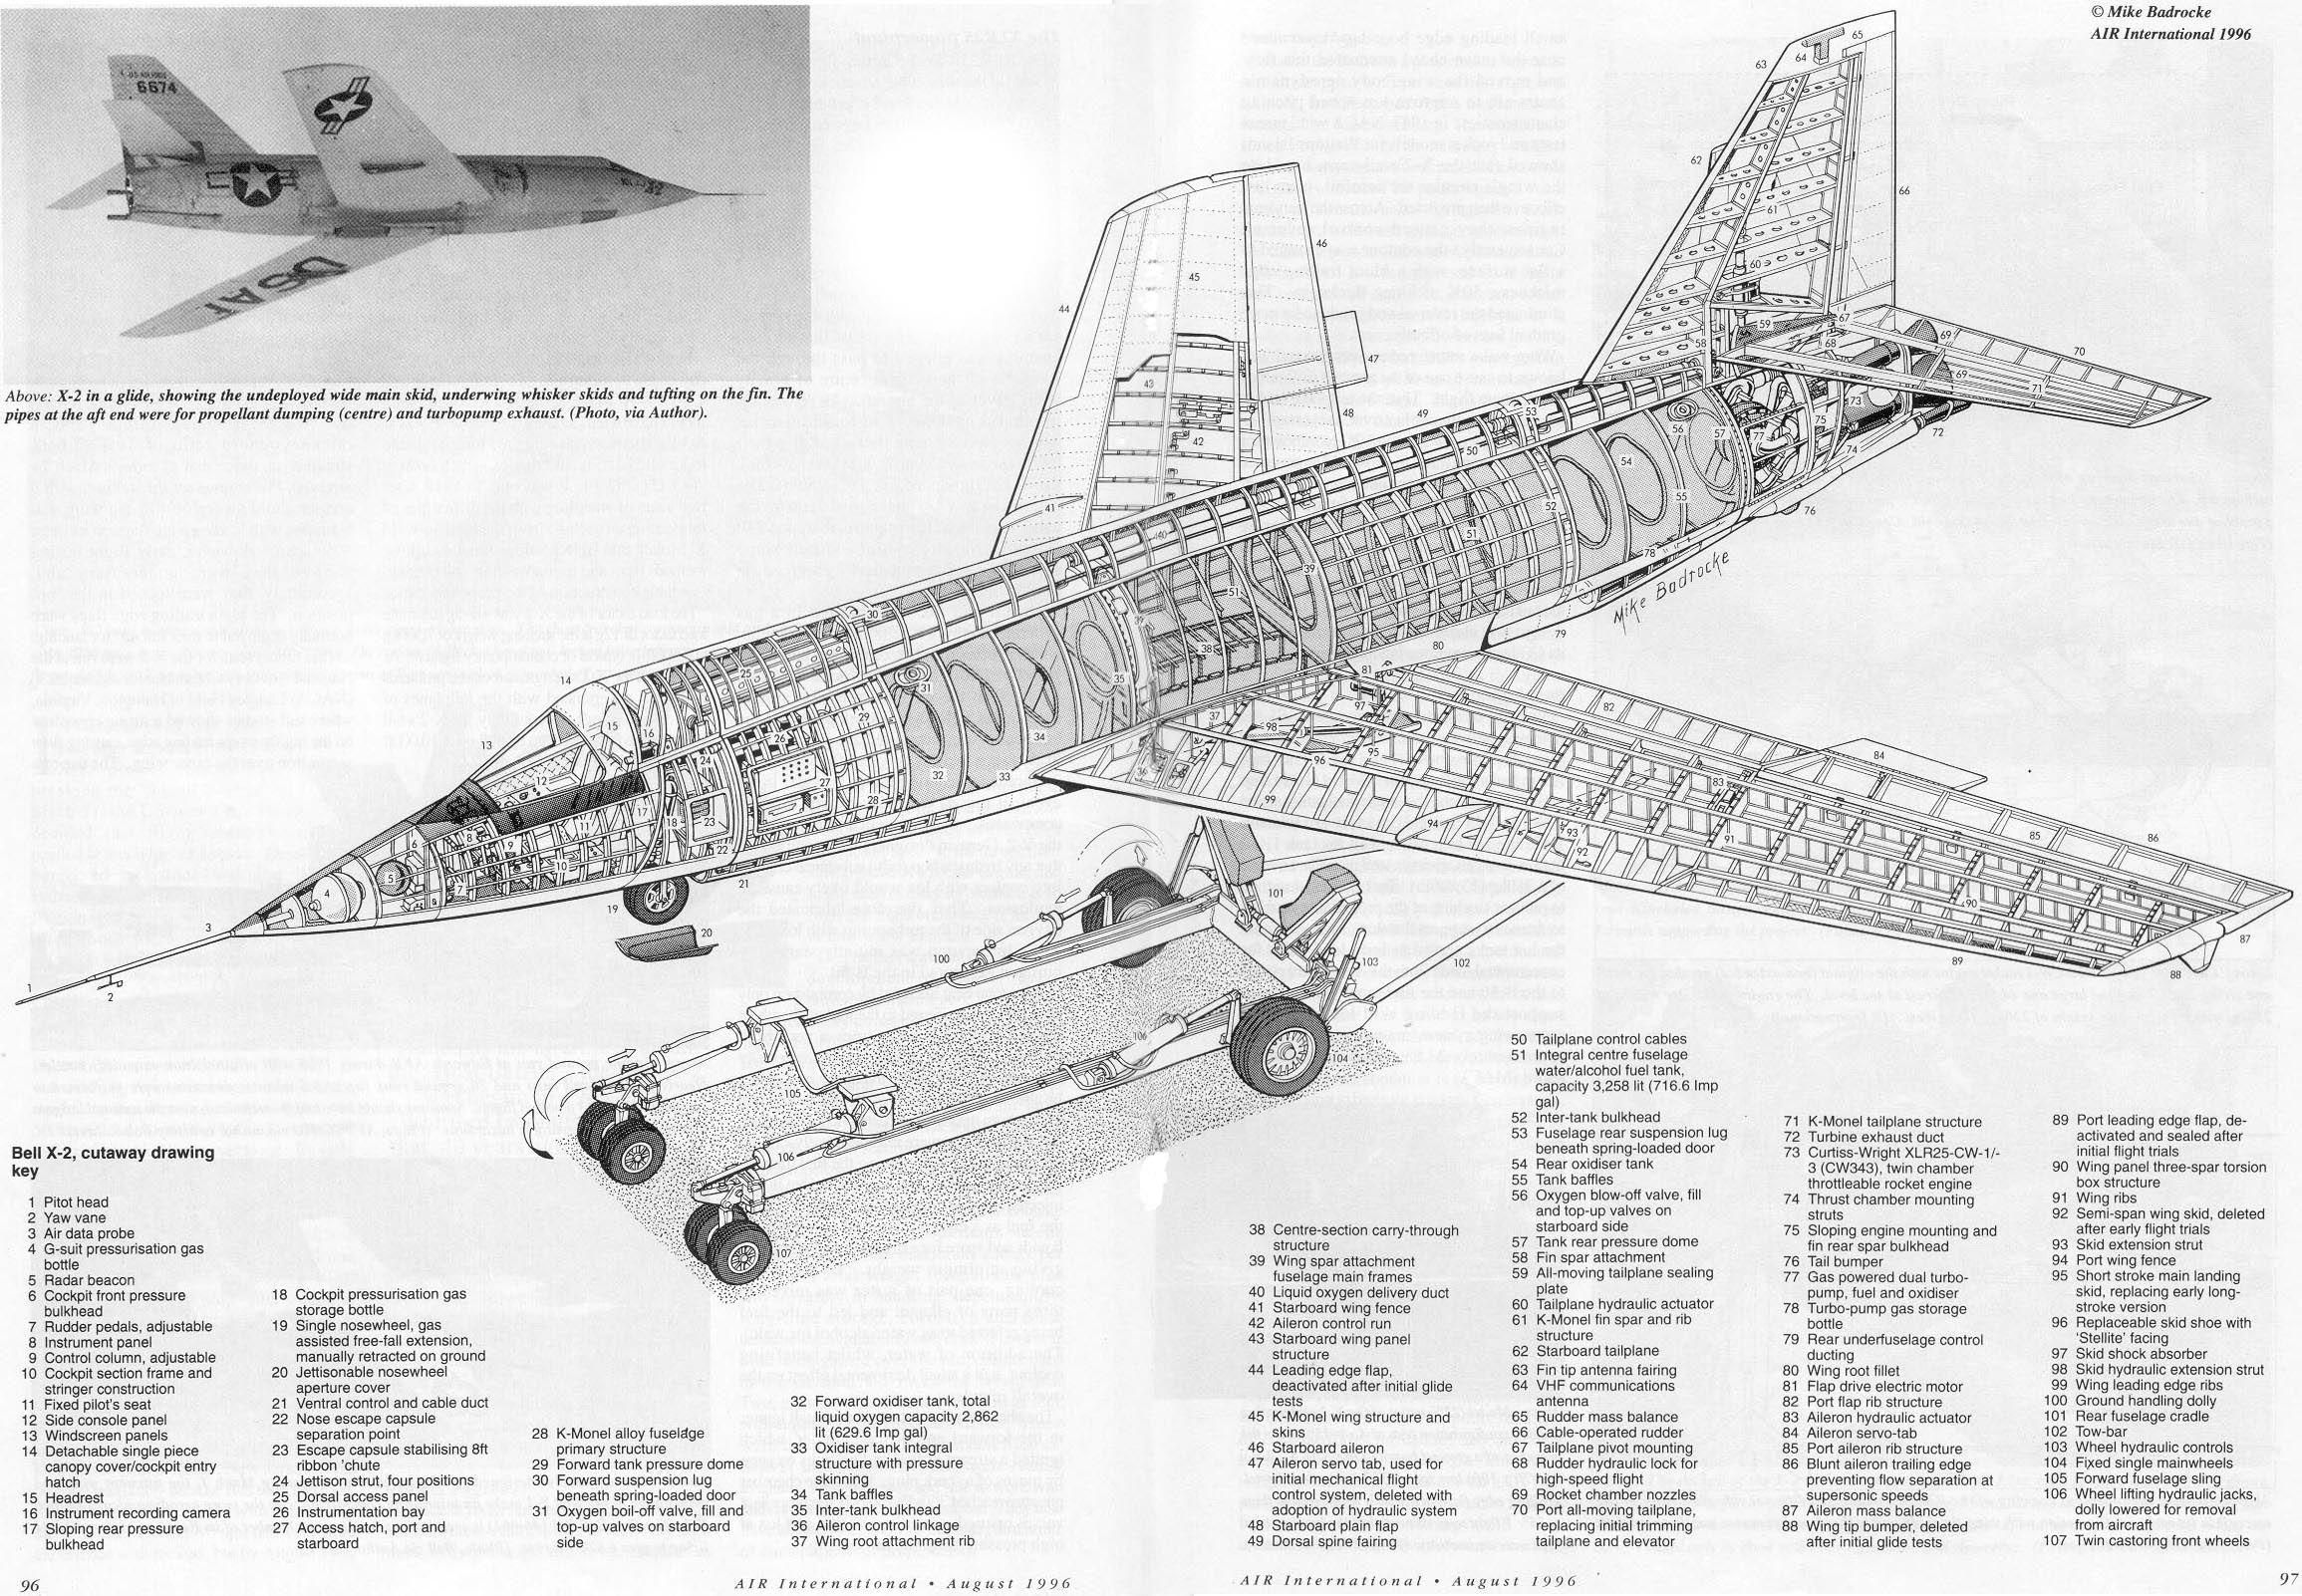 Bell X 2 Cutaway Cutaway Aircraft Design Aviation